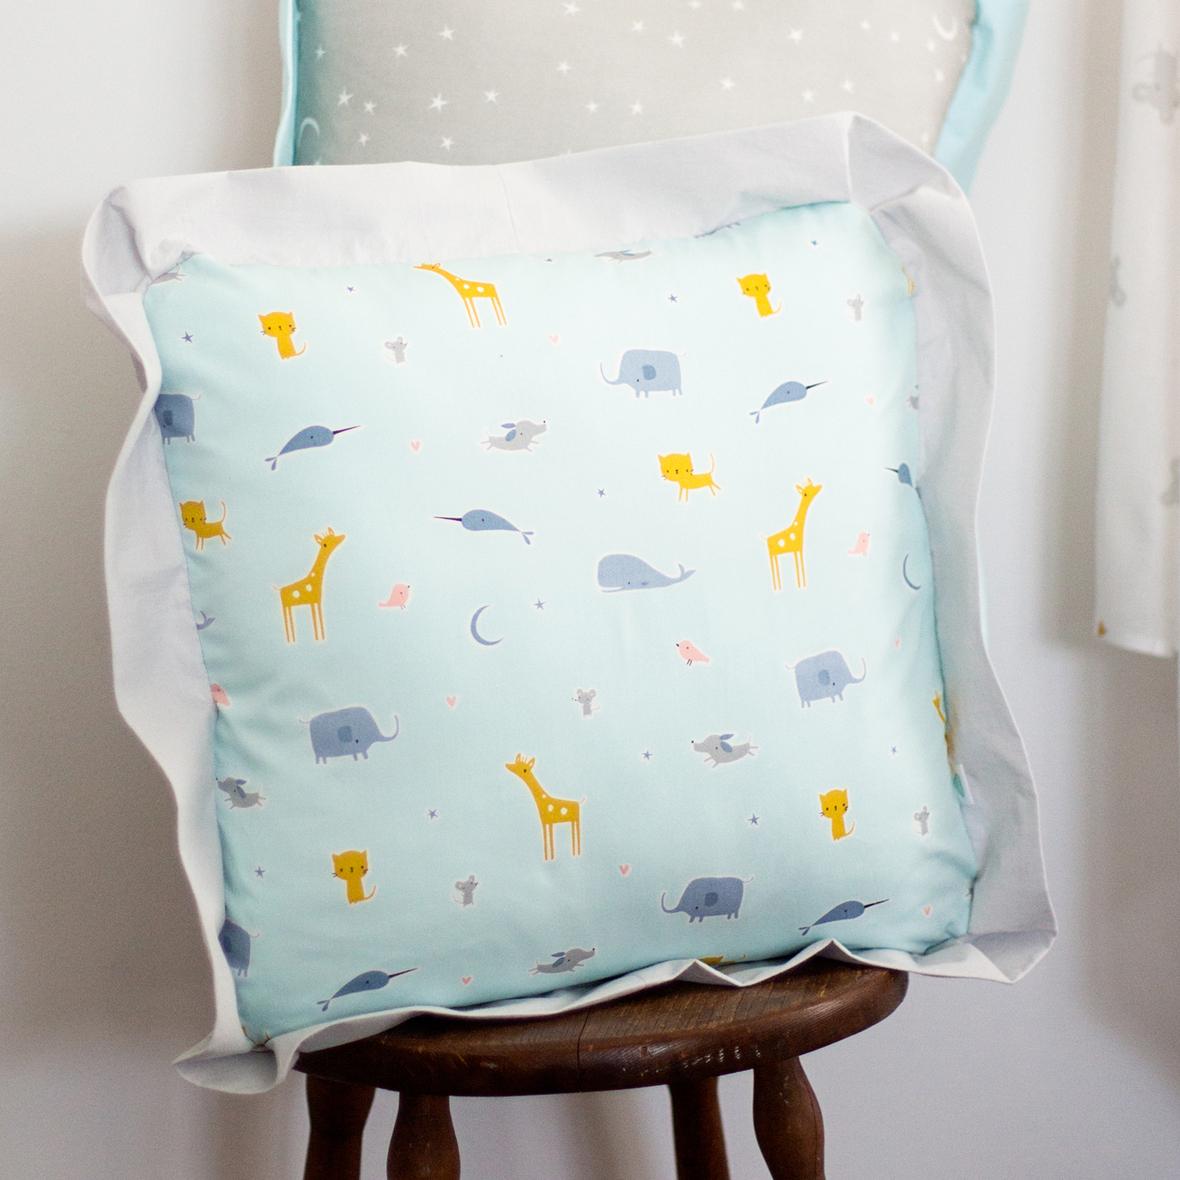 Cloud 9 website- Flanged pillow inspiration